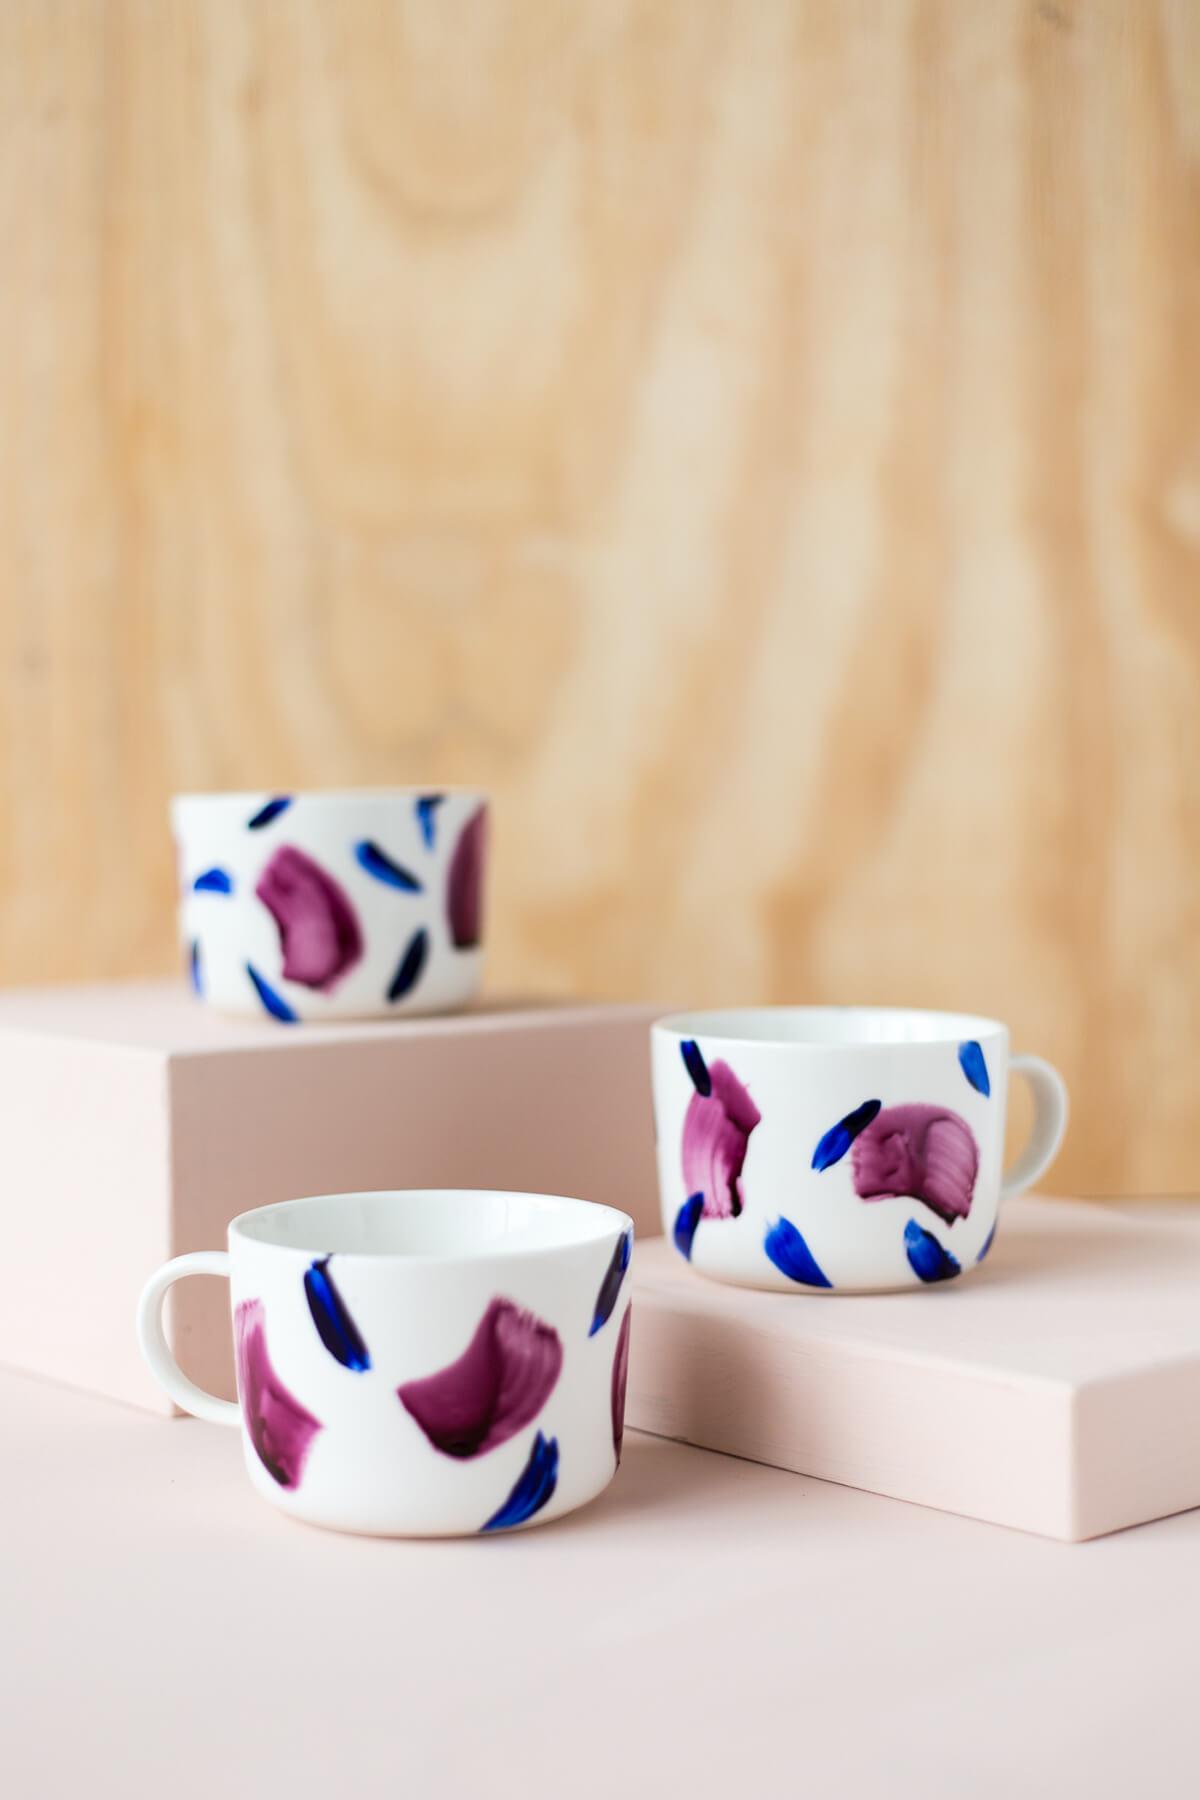 Stylish and Modern Patterned Mugs